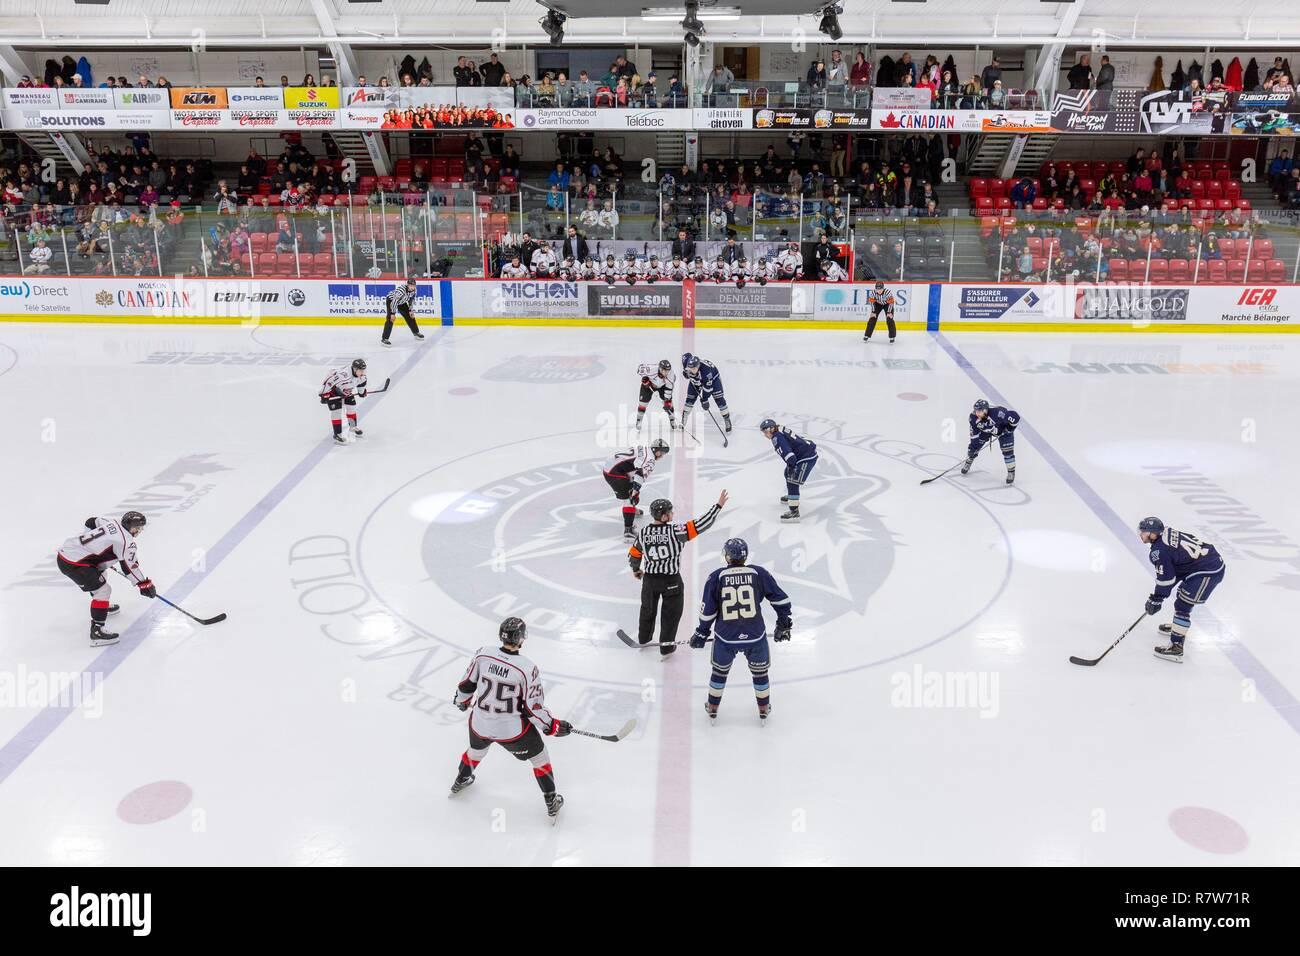 Canadá, provincia de Quebec, Abitibi Témiscamingue Región Abitibi, Ciudad de Rouyn Noranda, pista de hielo, Grandes Junior League juego de hockey sobre hielo. Imagen De Stock